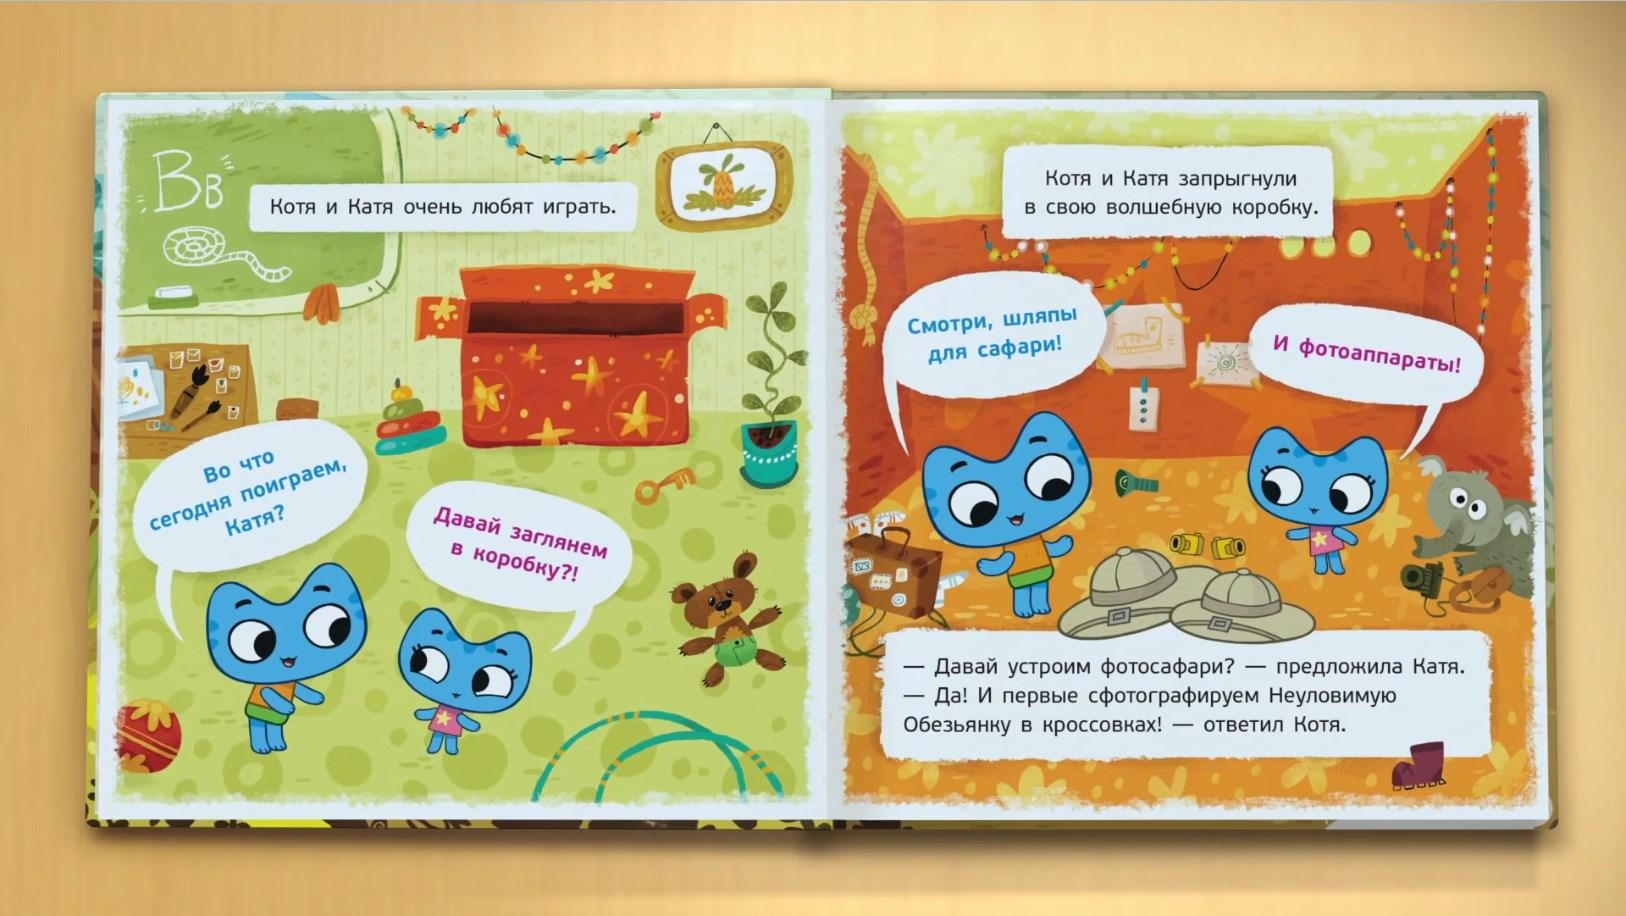 котики вперед - читаем с котиками-2